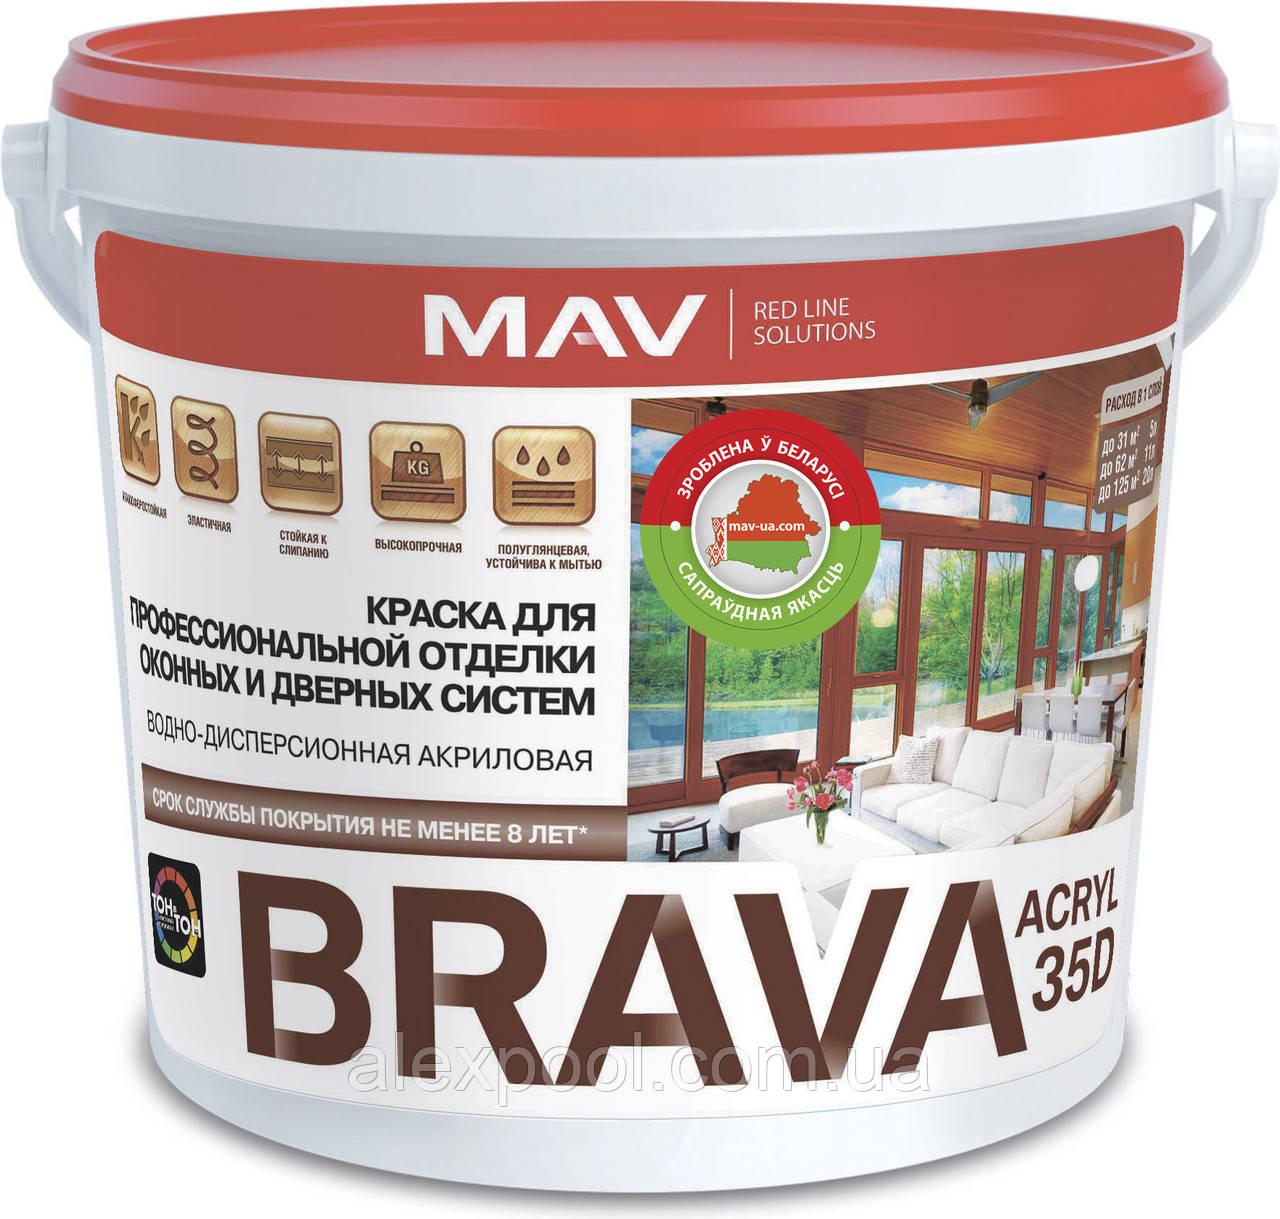 Краска MAV BRAVA ACRYL 35D для профессиональной отделки оконных и дверных систем Белая полуглянцевая 5 литров